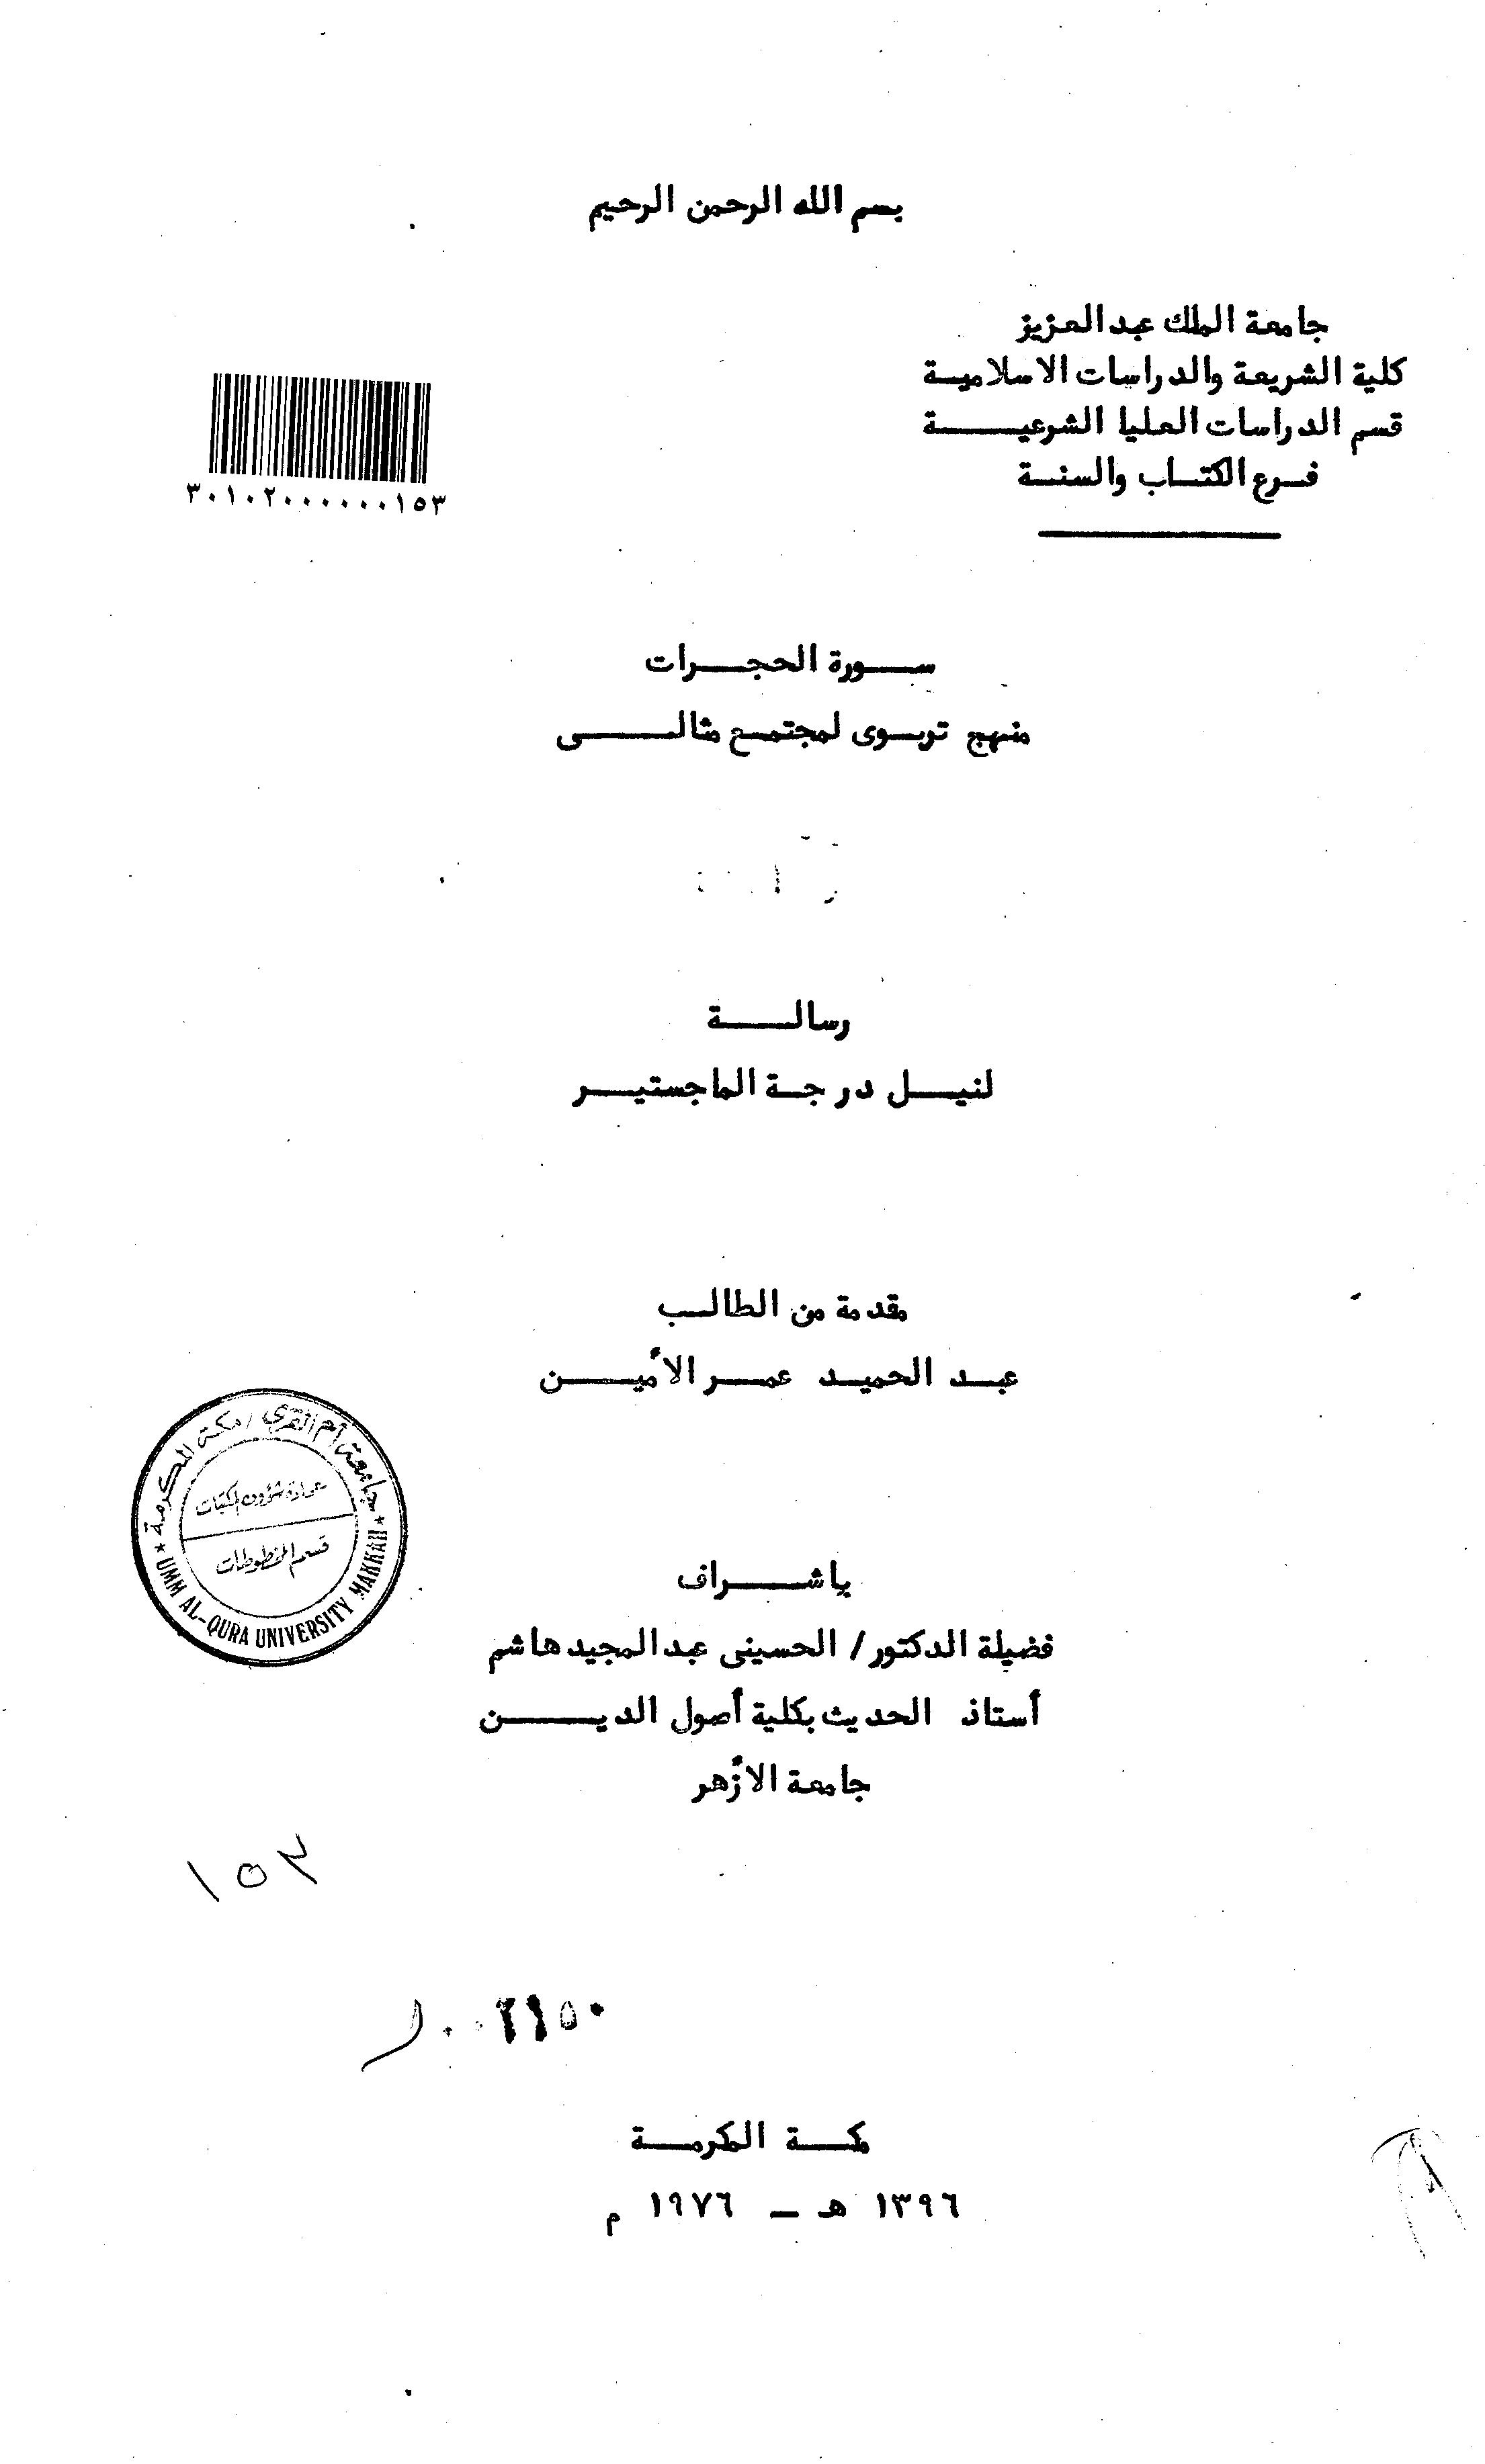 تحميل كتاب سورة الحجرات: منهج تربوي لمجتمع مثالي لـِ: الدكتور عبد الحميد عمر الأمين